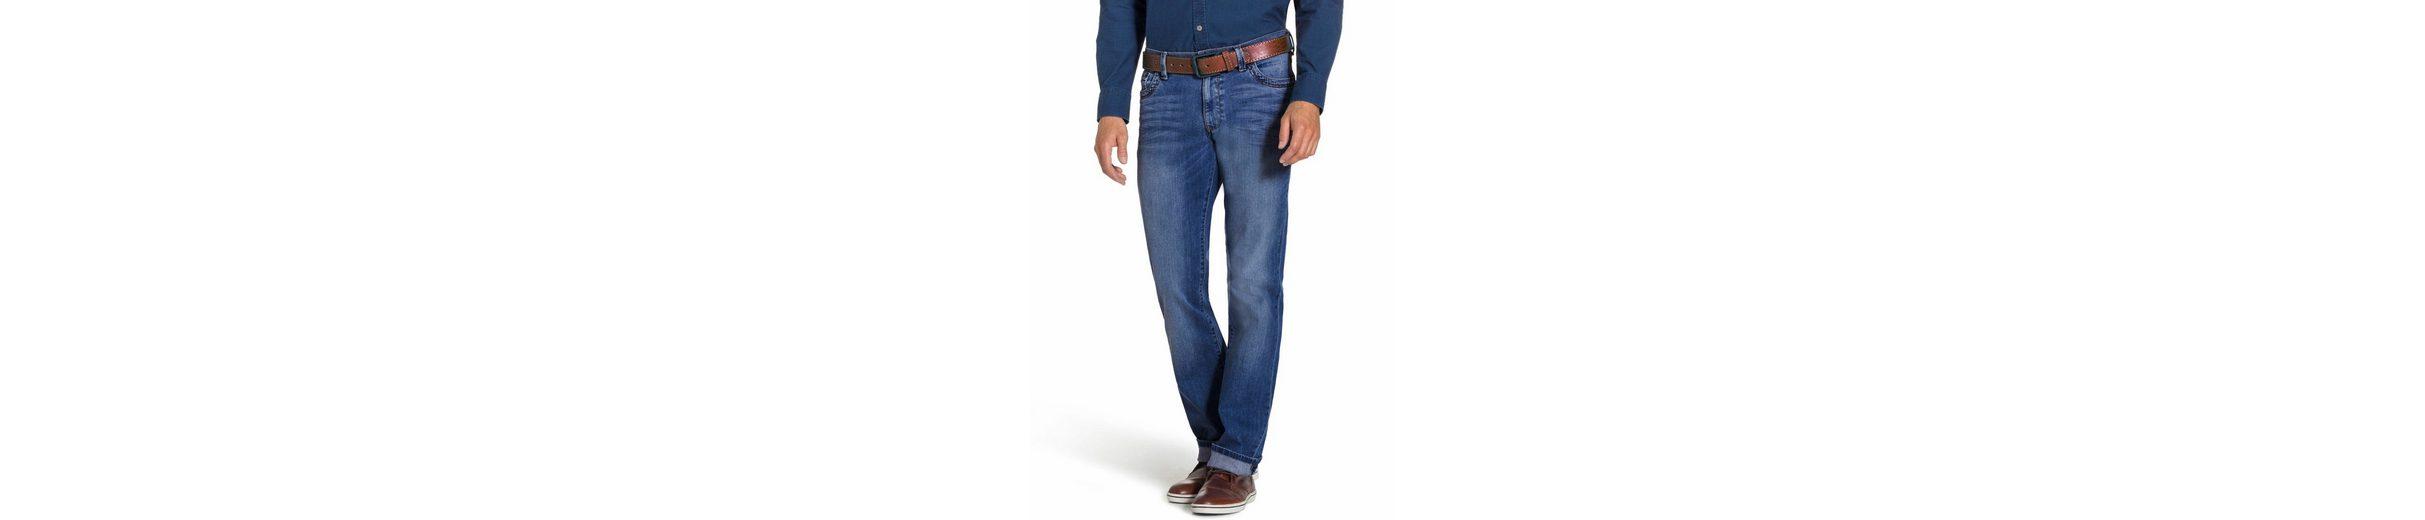 Bugatti Stretch-Jeans Rabatt Ausgezeichnet Niedrigster Preis Günstig Online uEZAC9844